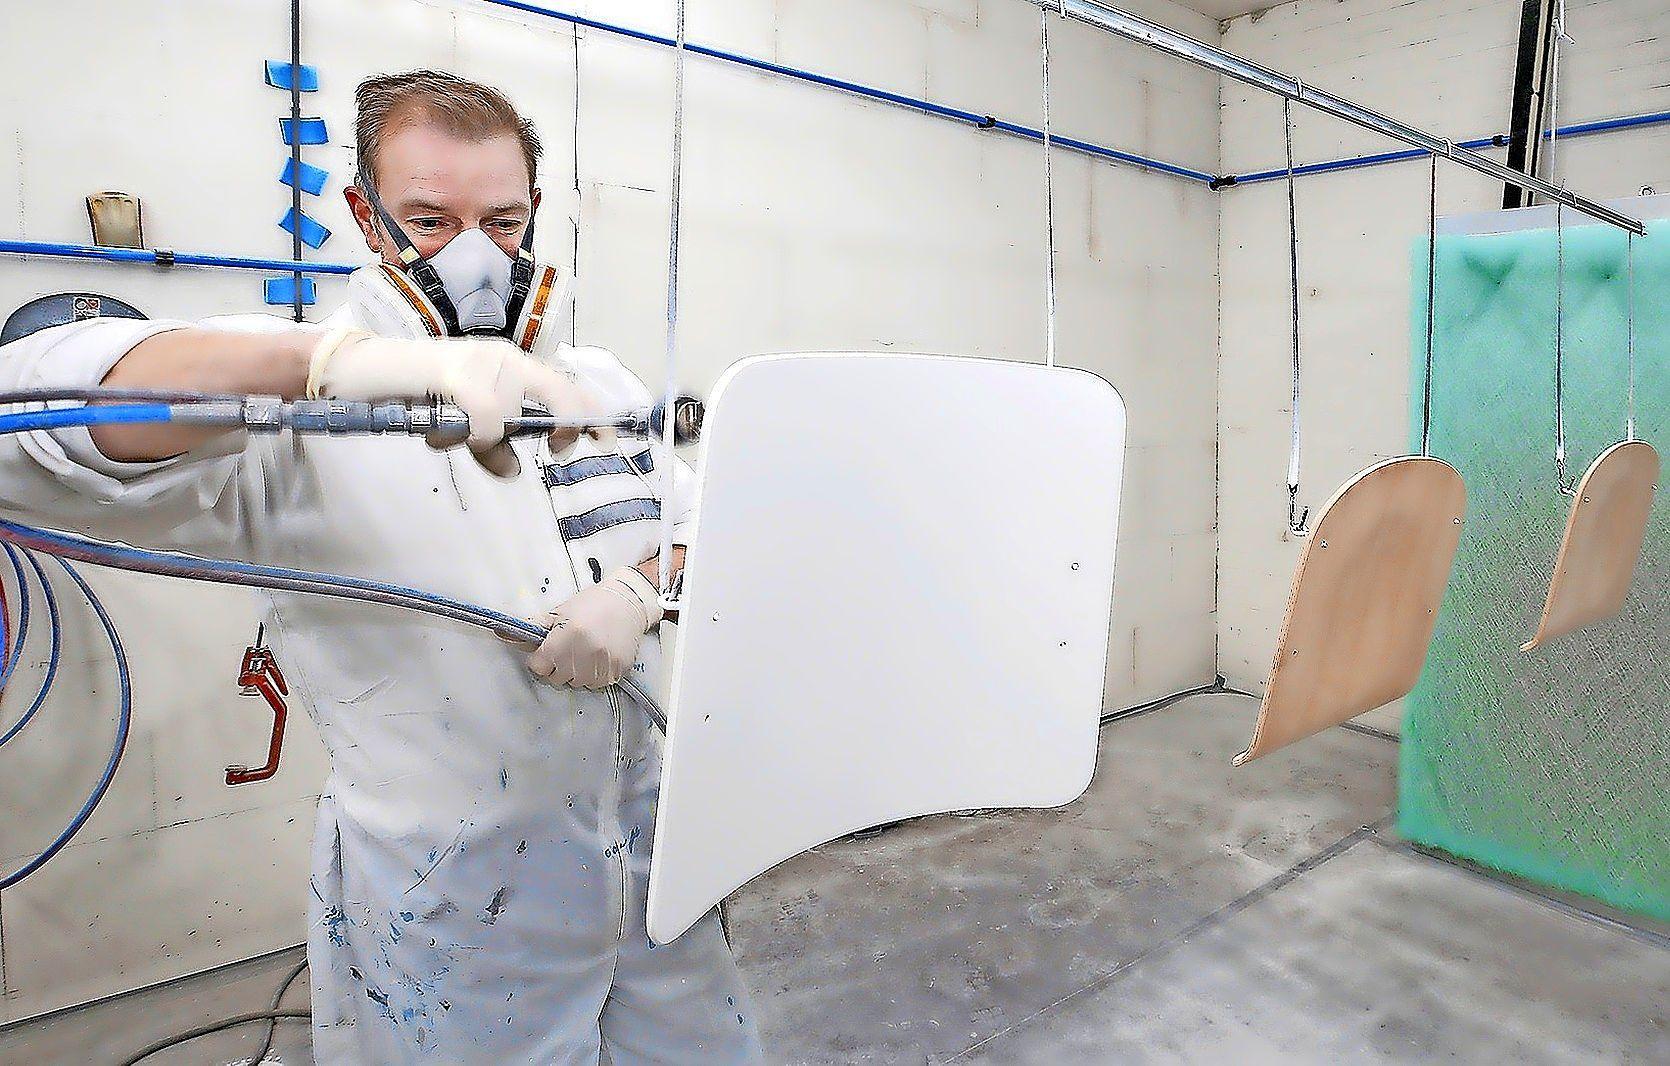 De meubelspuiter in Warmenhuizen veroorzaakt geen stank meer in de buurt. En krijgt daarom nu wel een vergunning van de gemeente Schagen